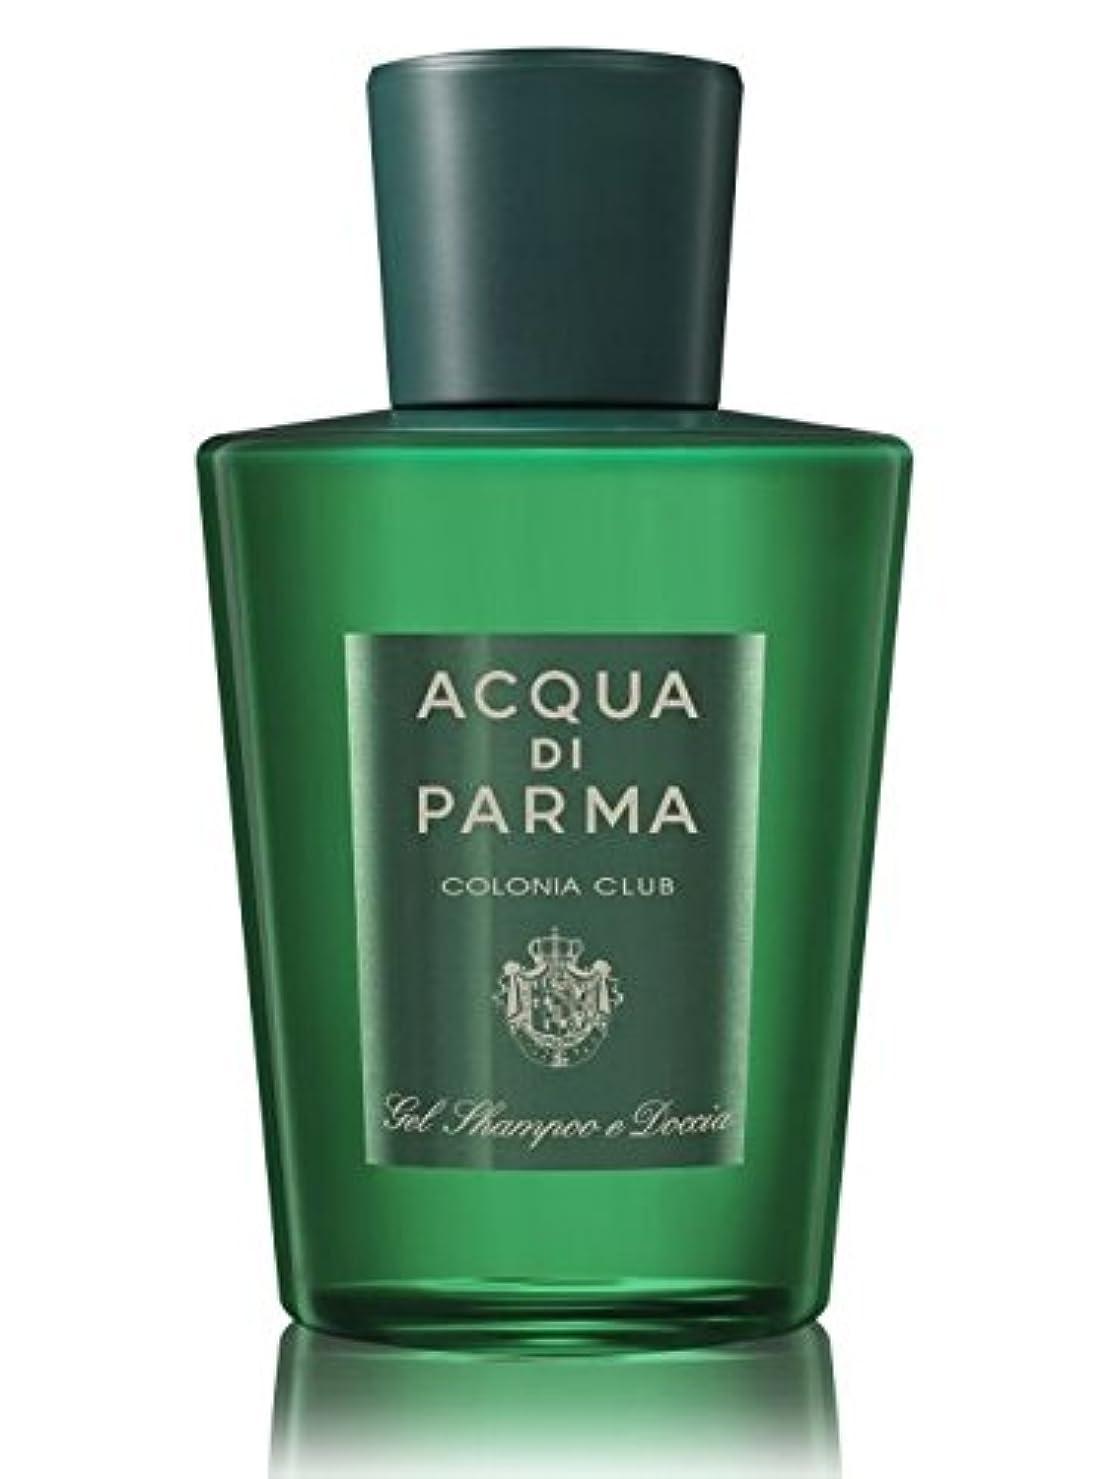 不調和埋める動力学Acqua di Parma Colonia Club (アクア ディ パルマ コロニア クラブ) 6.7 oz (200ml) Hair & Shower Gel